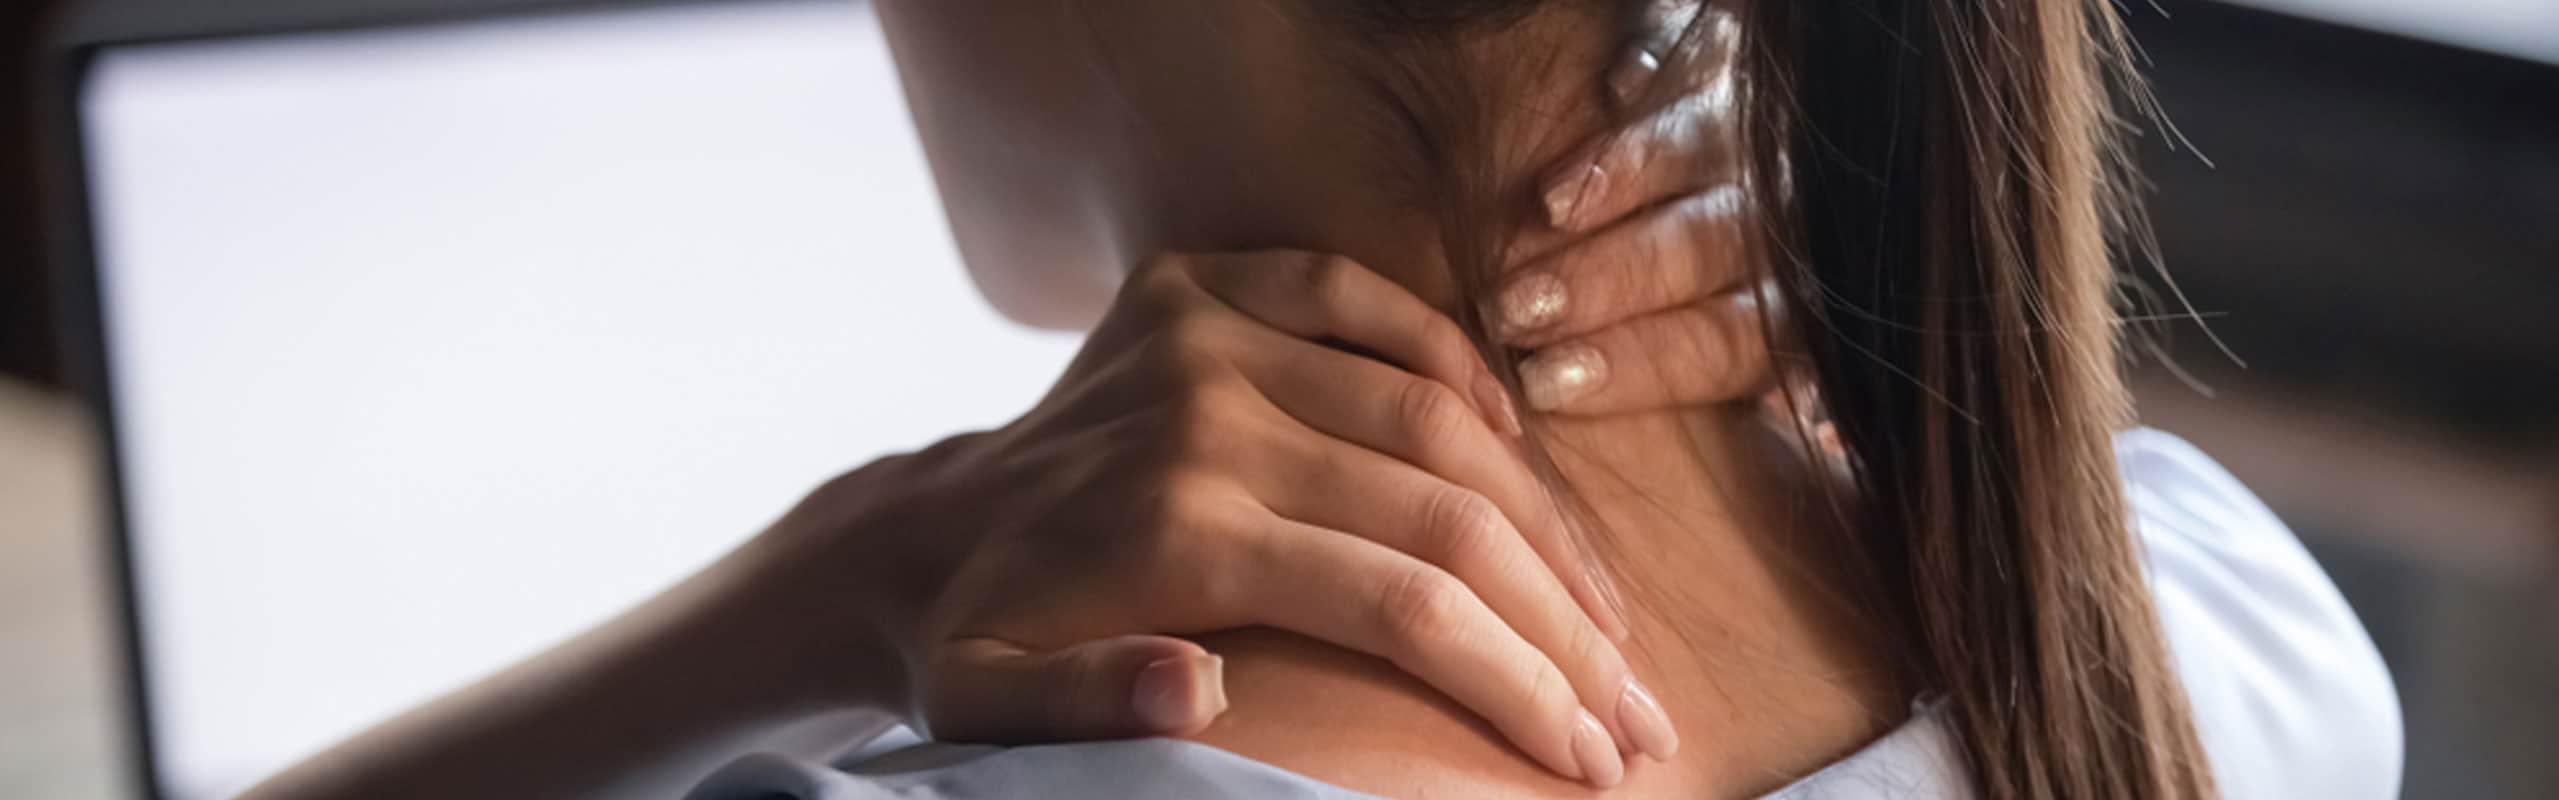 Descubre la ergonomía en el trabajo y sus ventajas